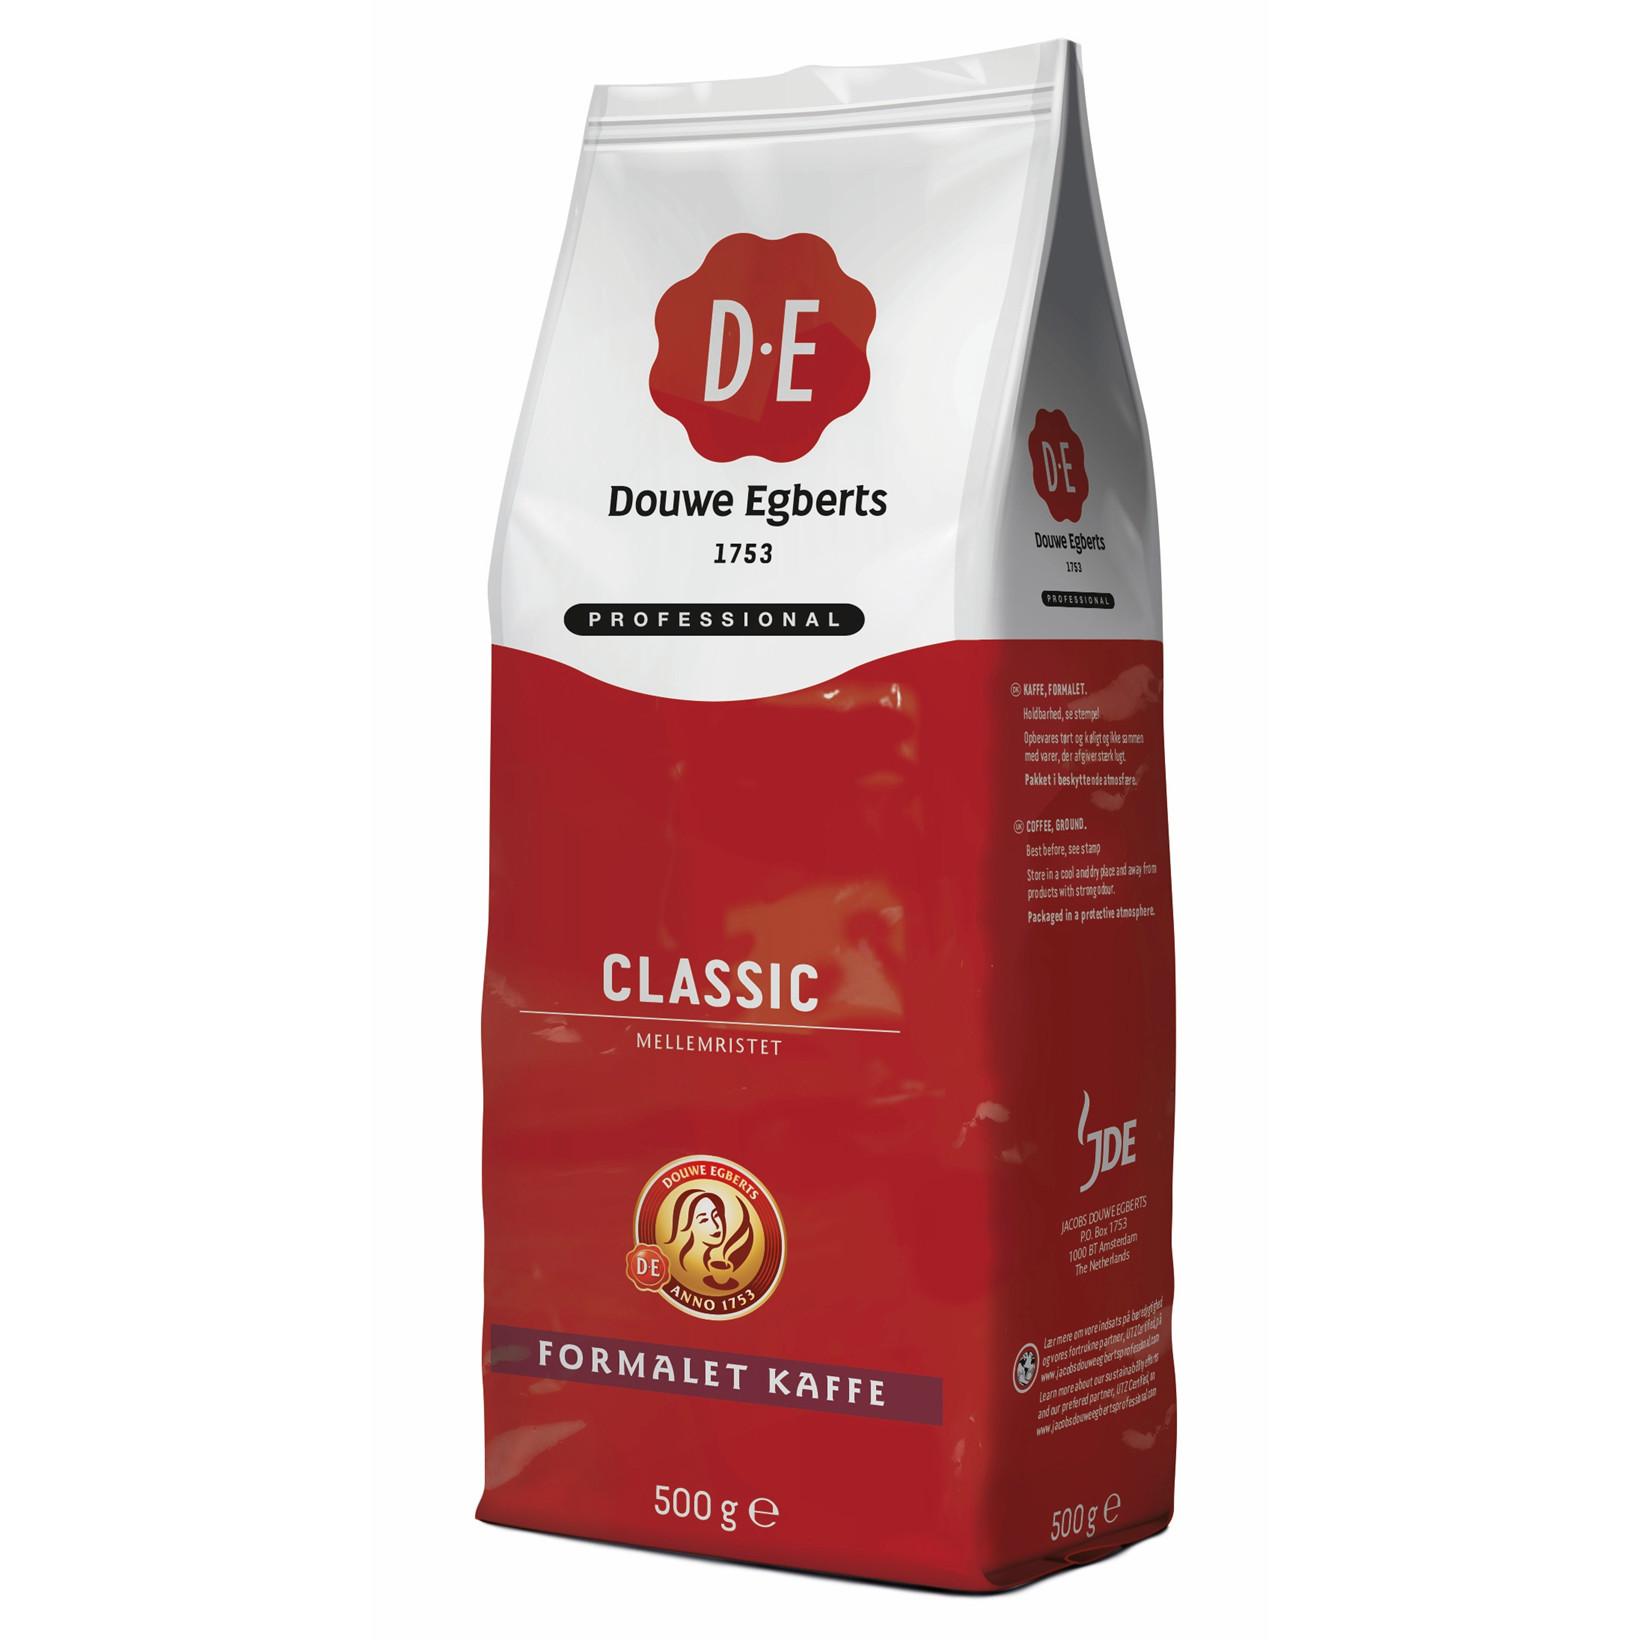 D.E Professional Formalet Kaffe - Classic Mellemristet - 500 gram